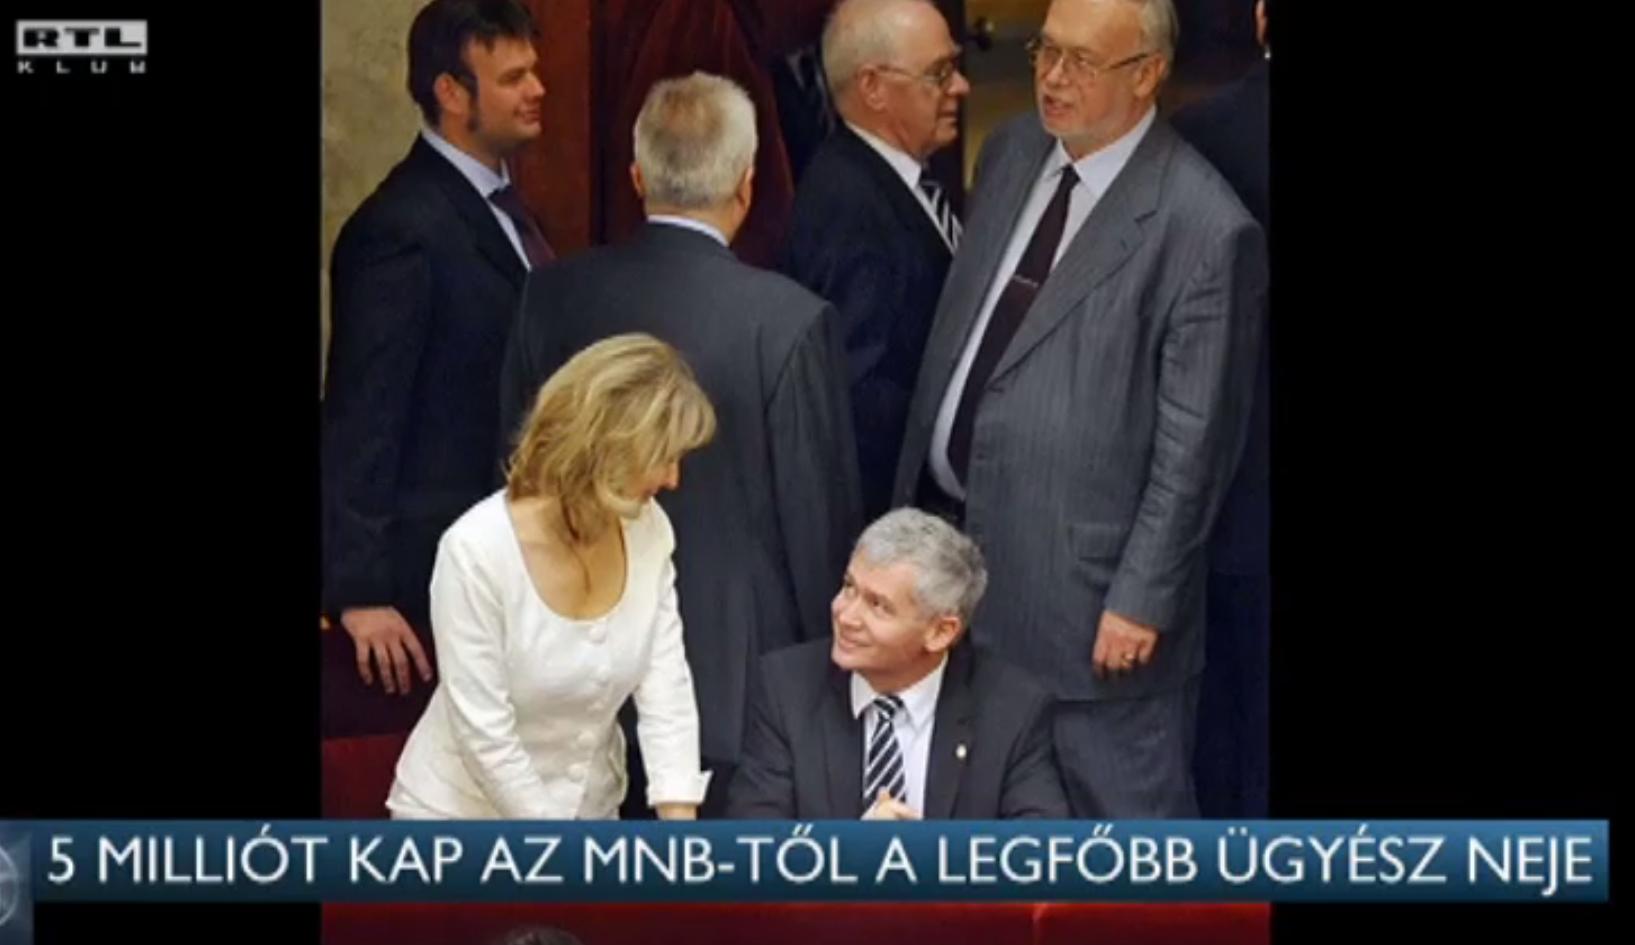 Orbán Viktor Polt Péter feleségét nevezte ki a Kormányzati Ellenőrzési Hivatal elnökhelyettesének